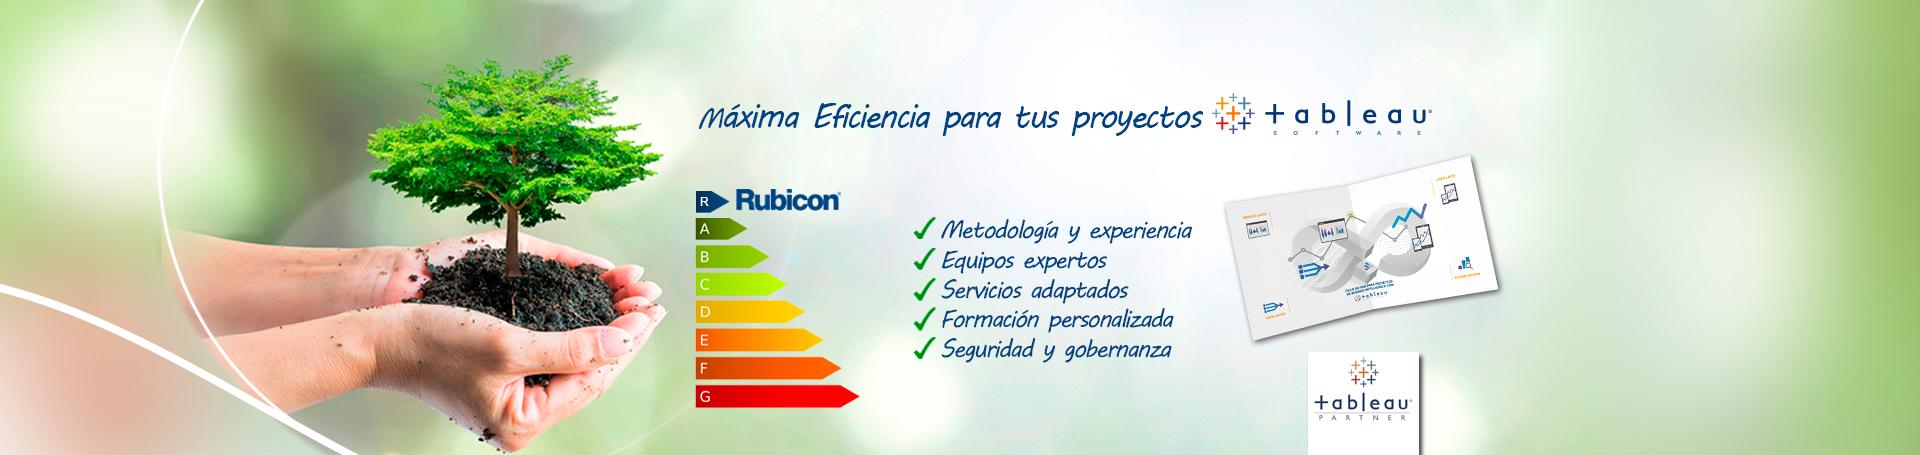 Rubicon_proyectos_tableau